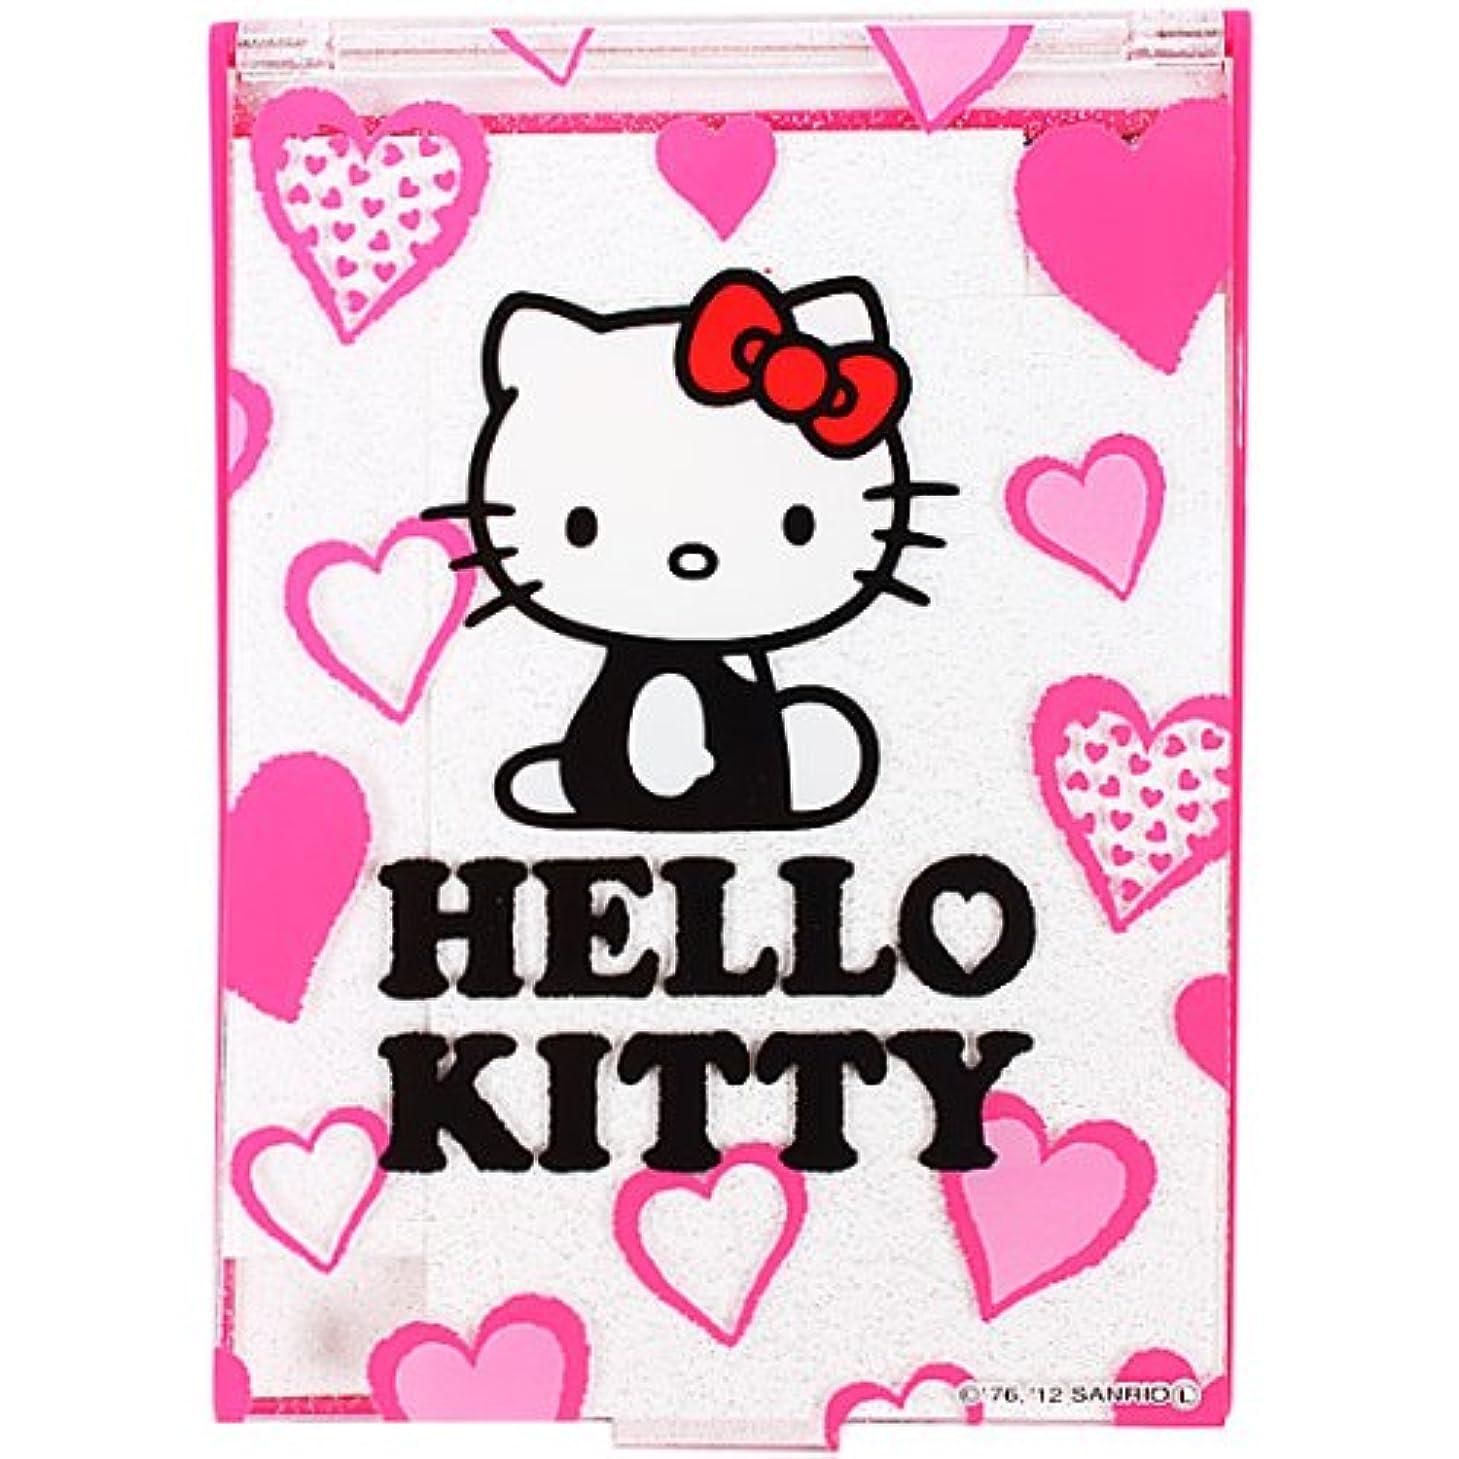 病気で接続詞キティ コンパクトミラー Lサイズ ピンク